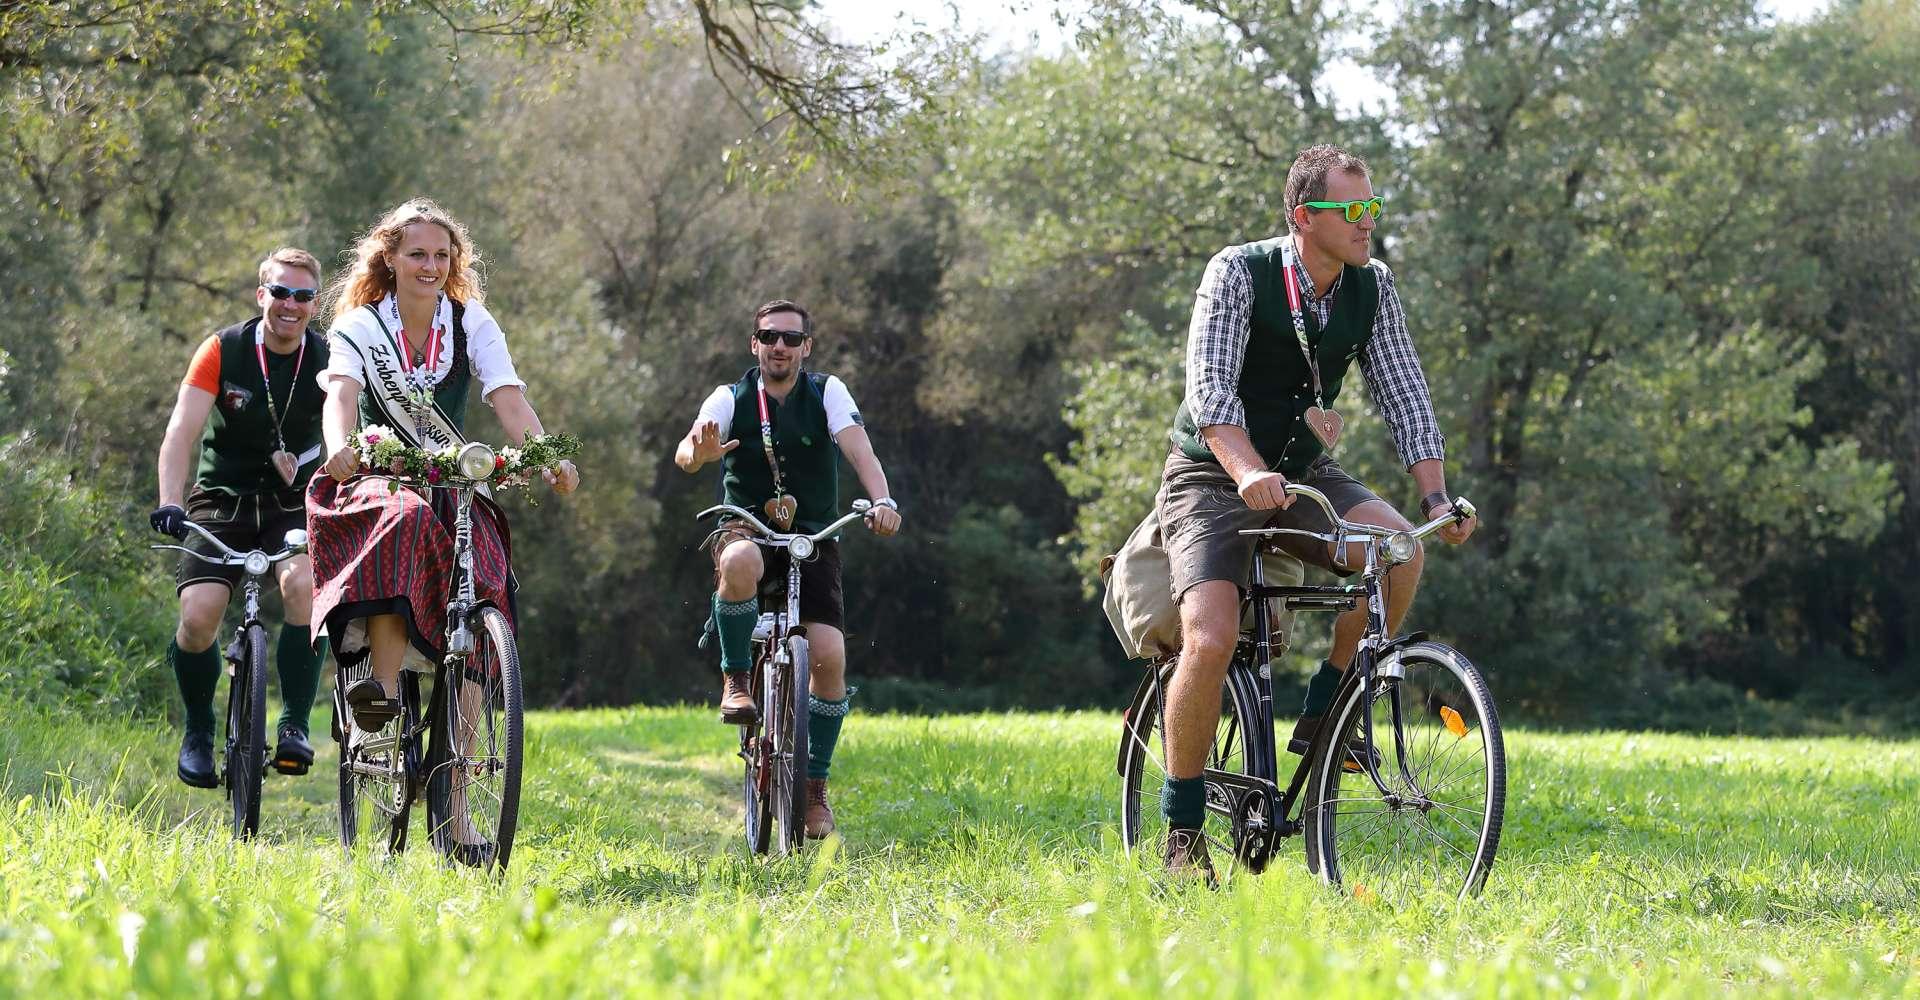 <p>Der Club der Murtaler Waffenradfreunde trifft sich einmal jährlich zu einem großen Waffenradtreffen.</p> Copyright: